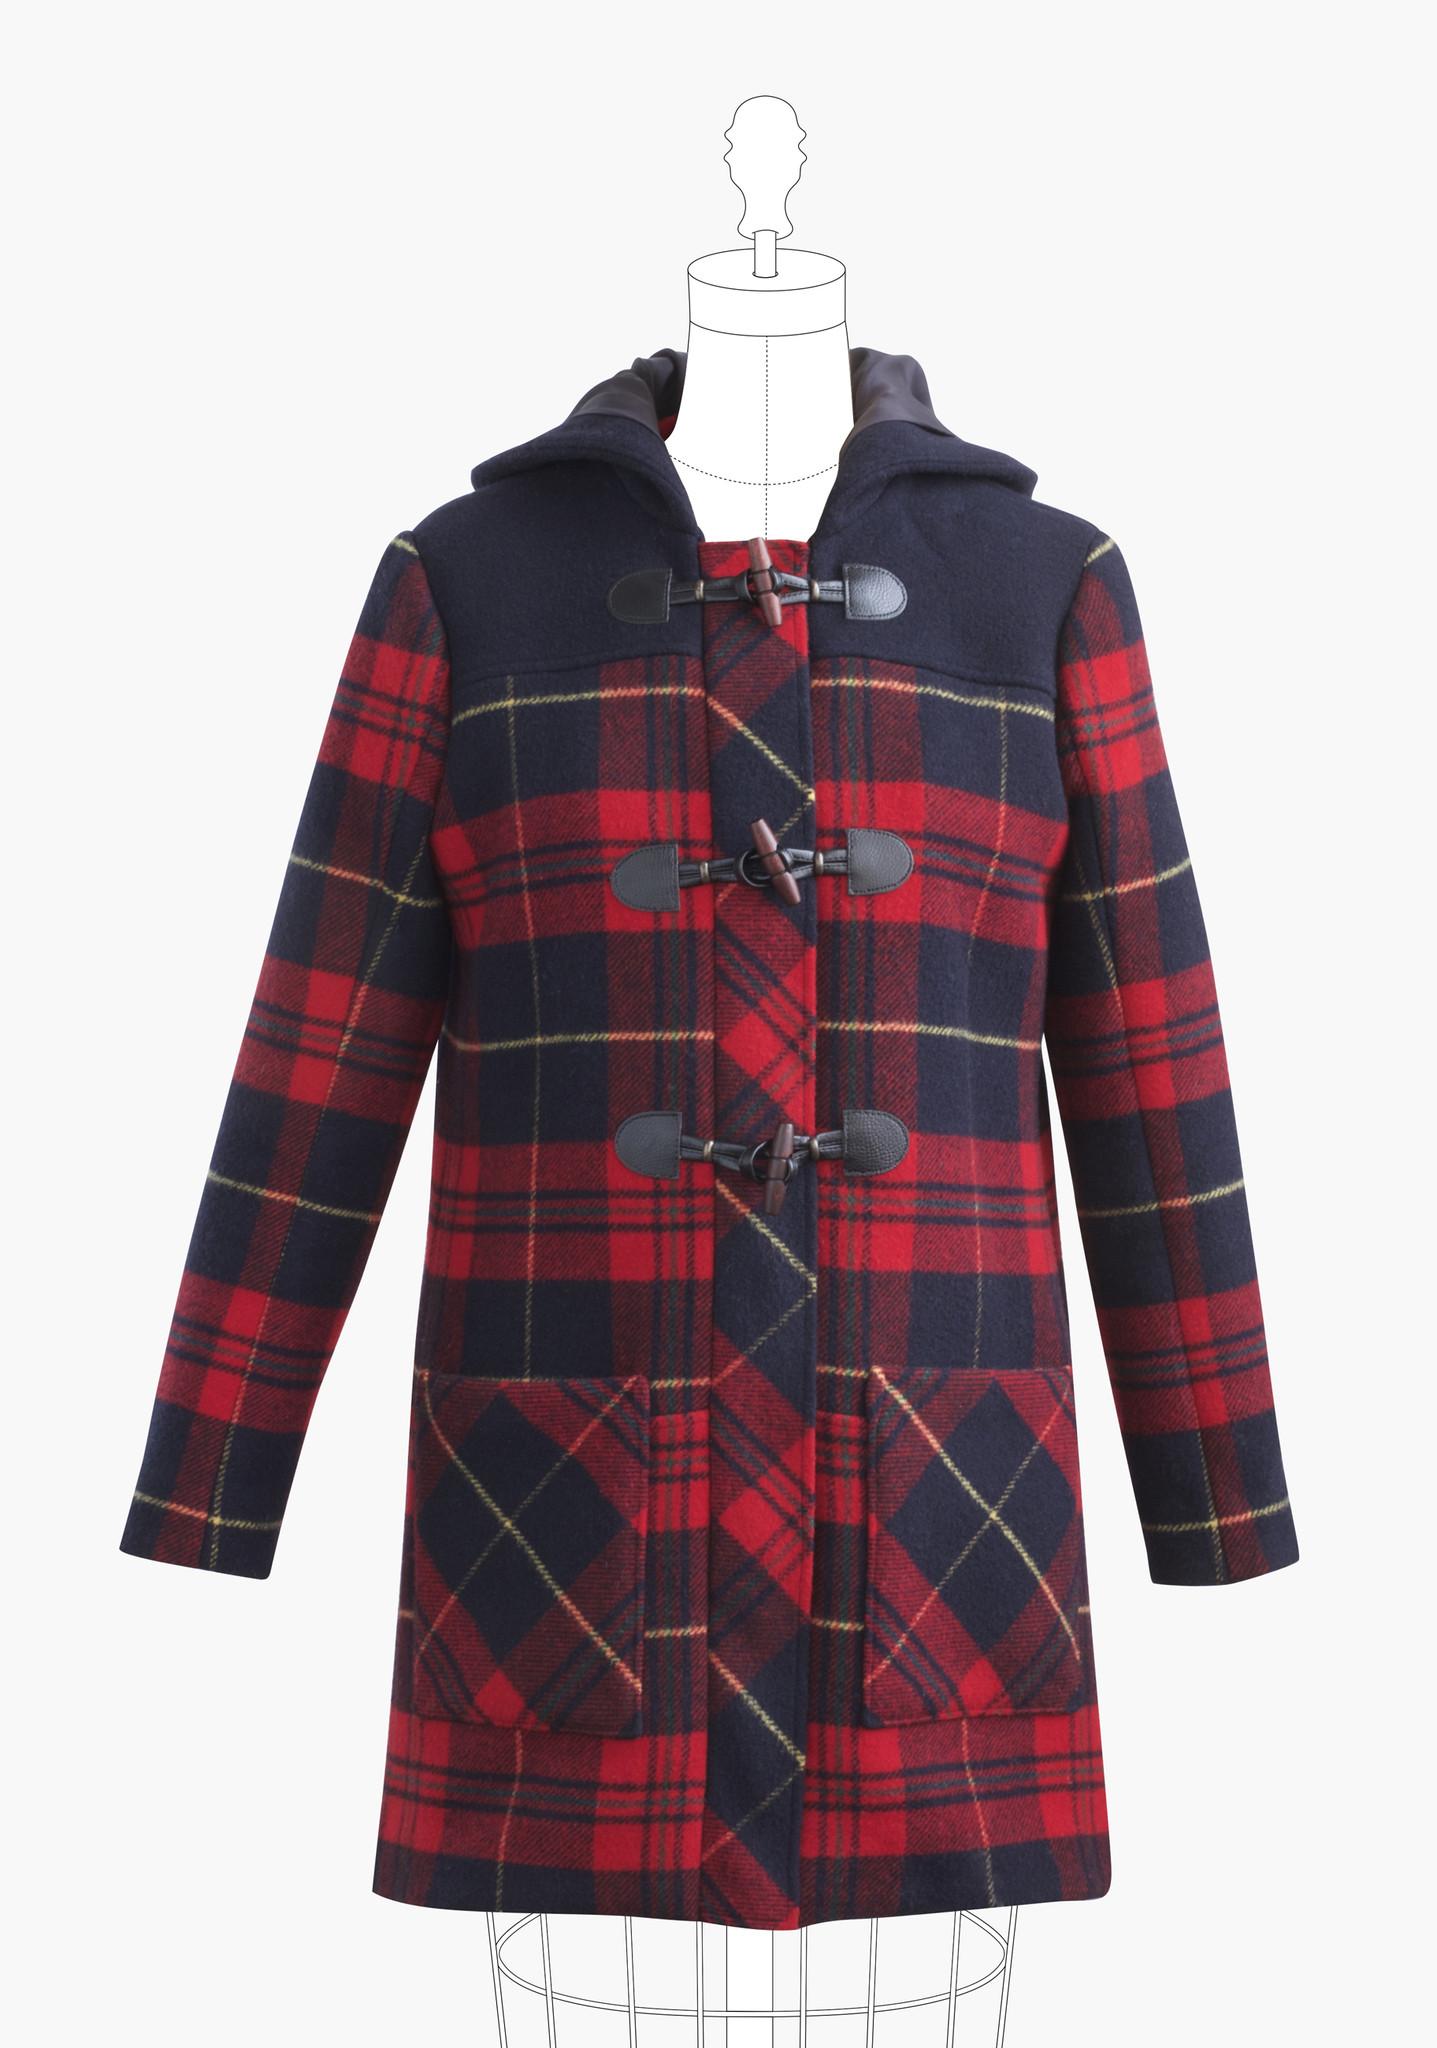 Grainline Studio - Cascade Duffle Coat